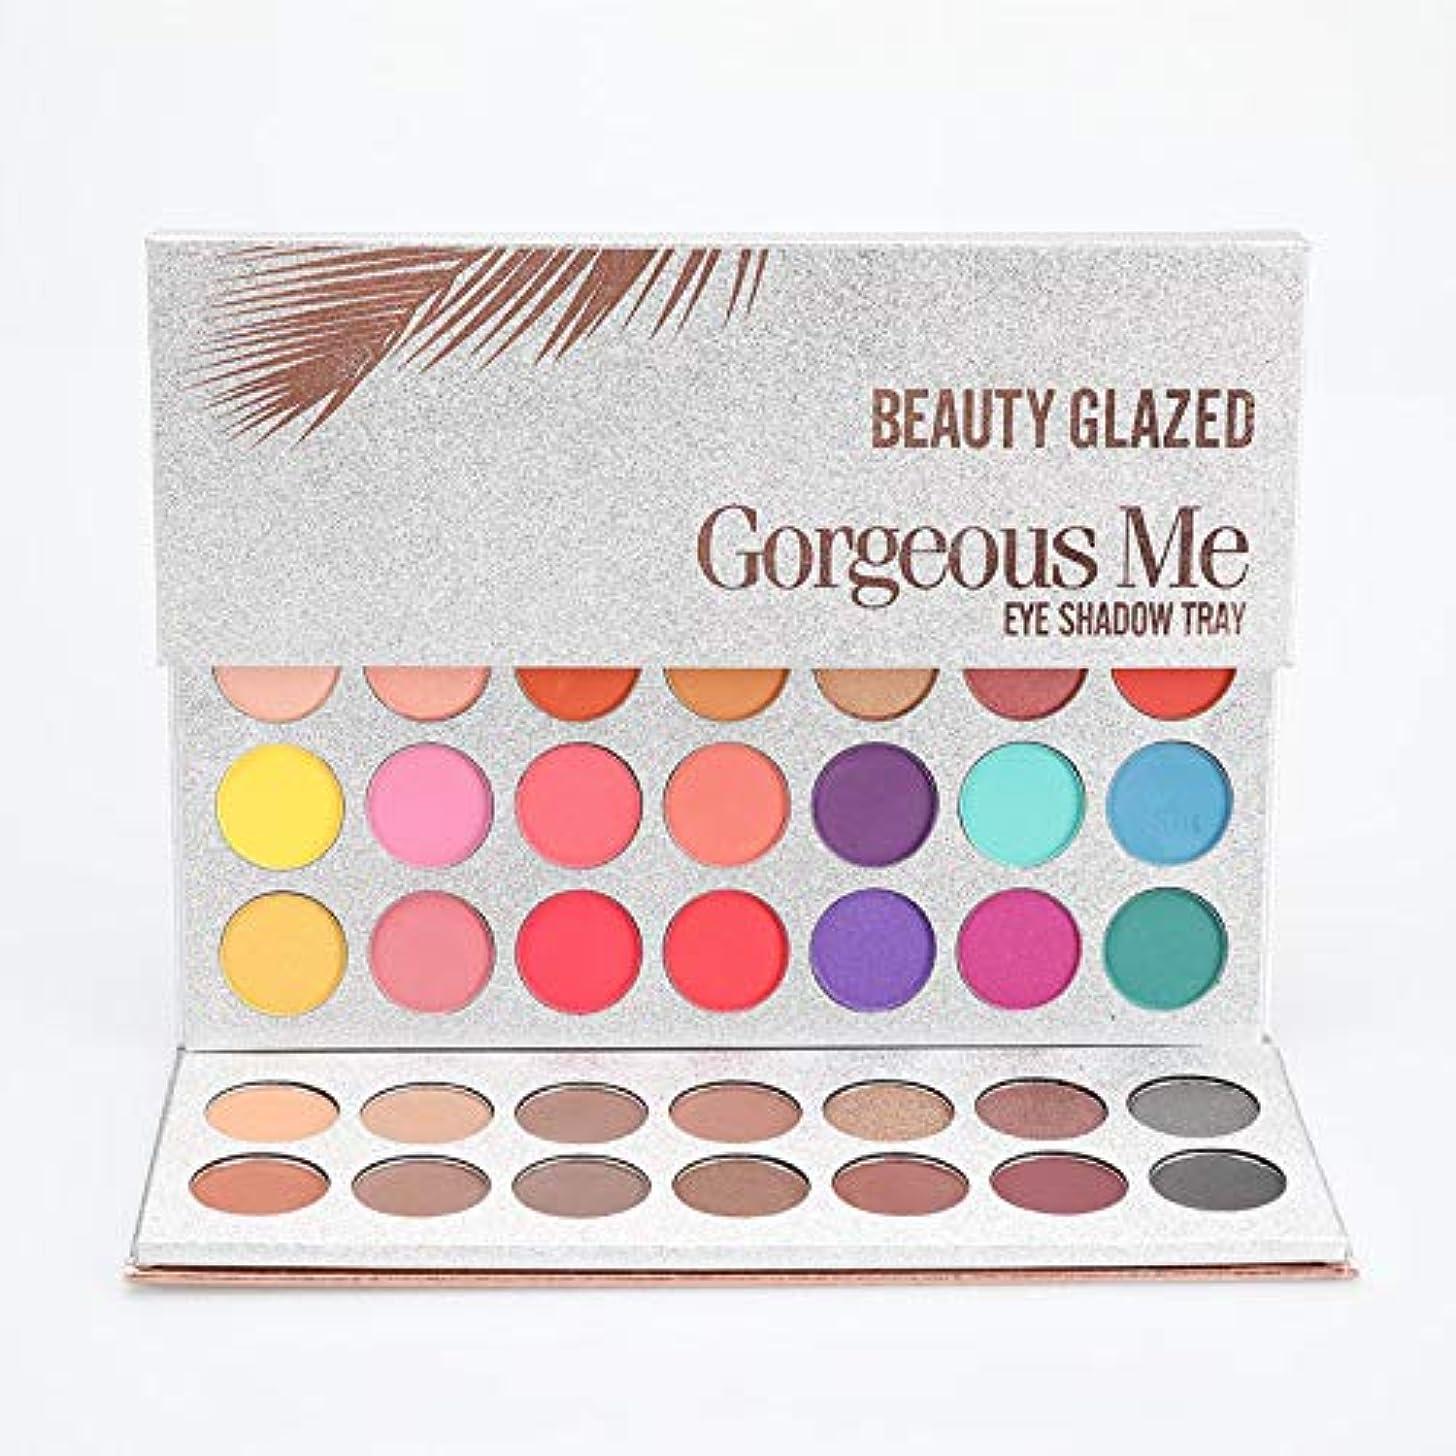 文法曲げるカートリッジ63 Color eyeshadow pallete Glitter Makeup Matte Eye shadow make up palette maquillage paleta de sombra 63色のアイシャドーパレエキラキラメイクアップマットアイシャドウメイクアップパレットマキアージュパレタデムブラブ